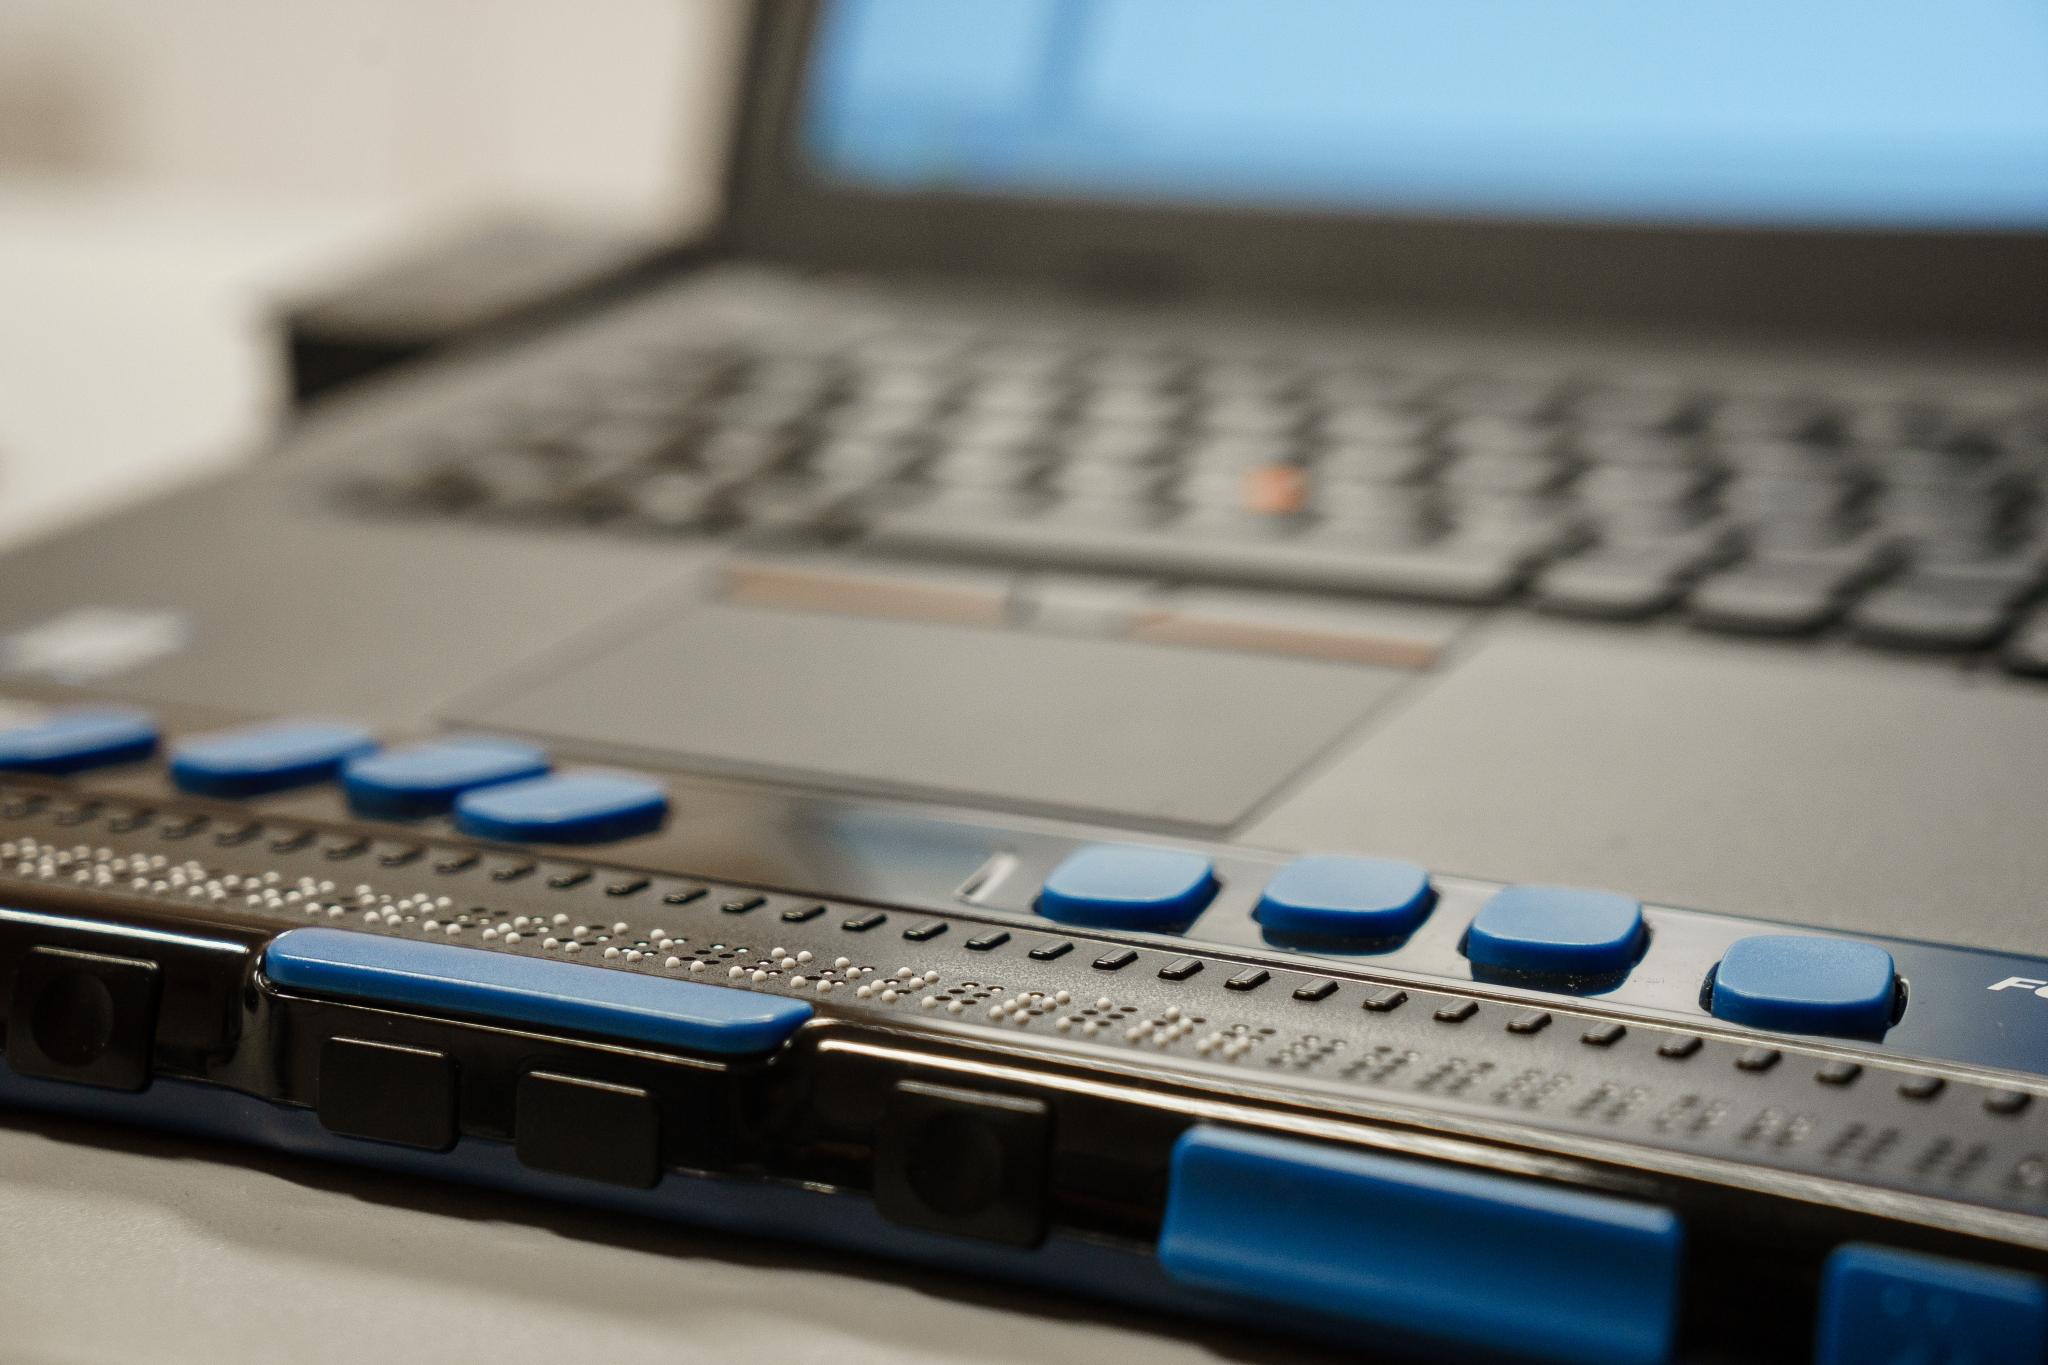 Bild 1: Ein Laptop mit angeschlossener Braillezeile ist zu sehen.